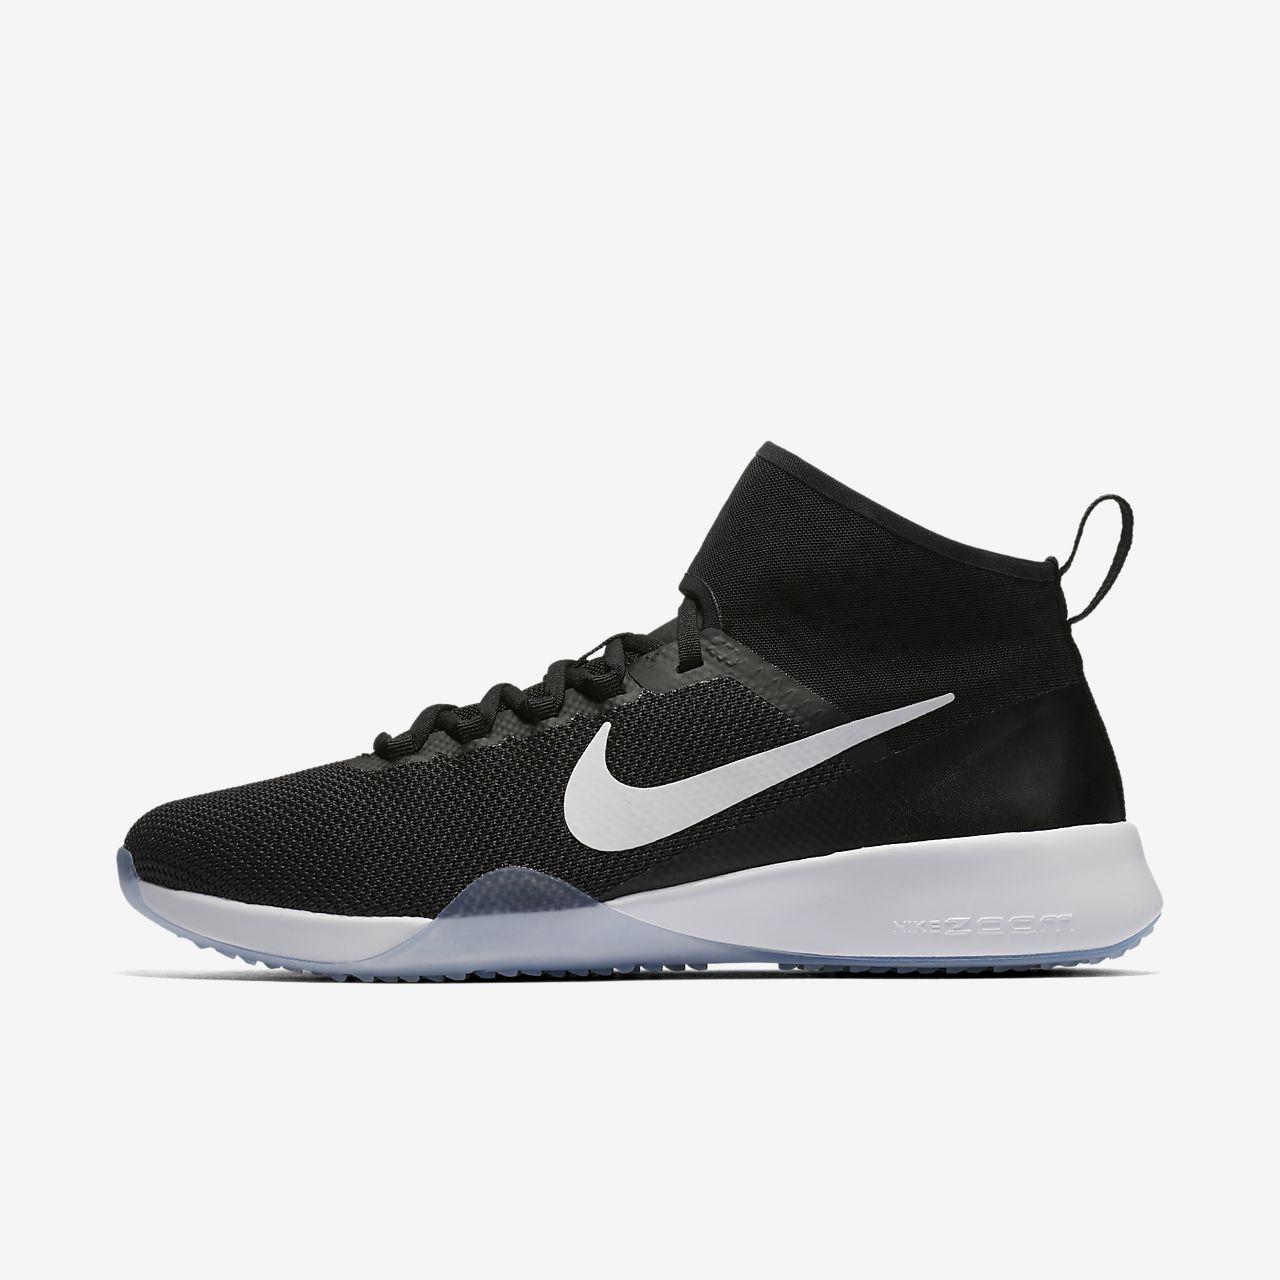 Bootcamp- och träningssko Nike Air Zoom Strong 2 för kvinnor